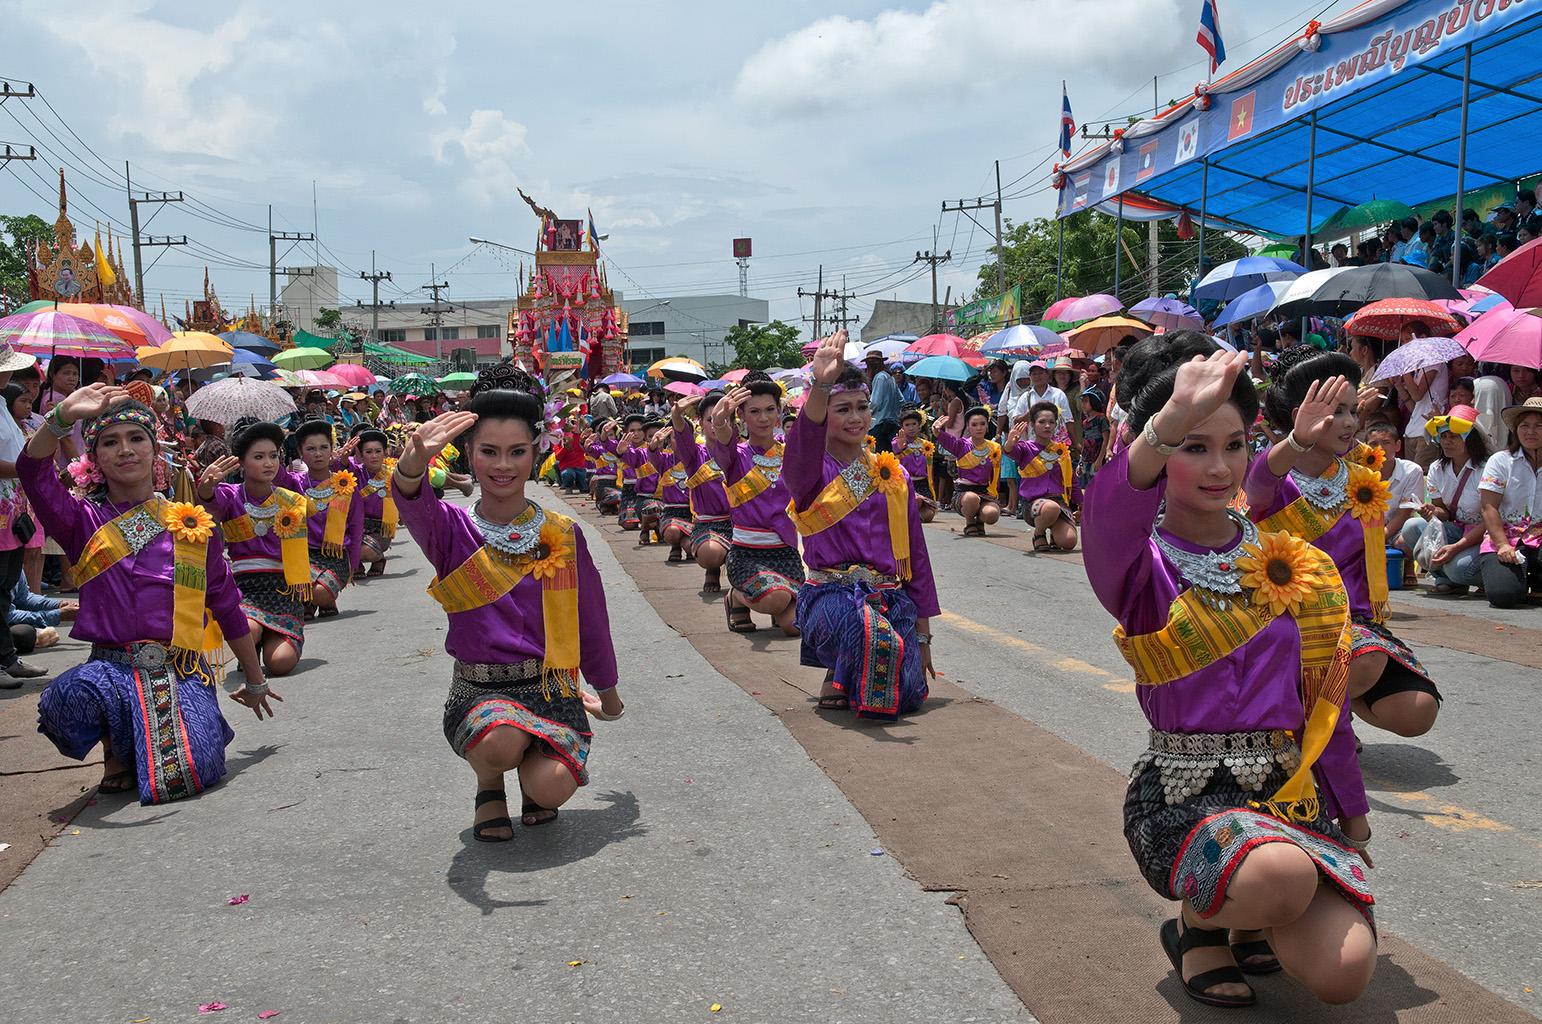 Красочный парад во время фестиваля ракет